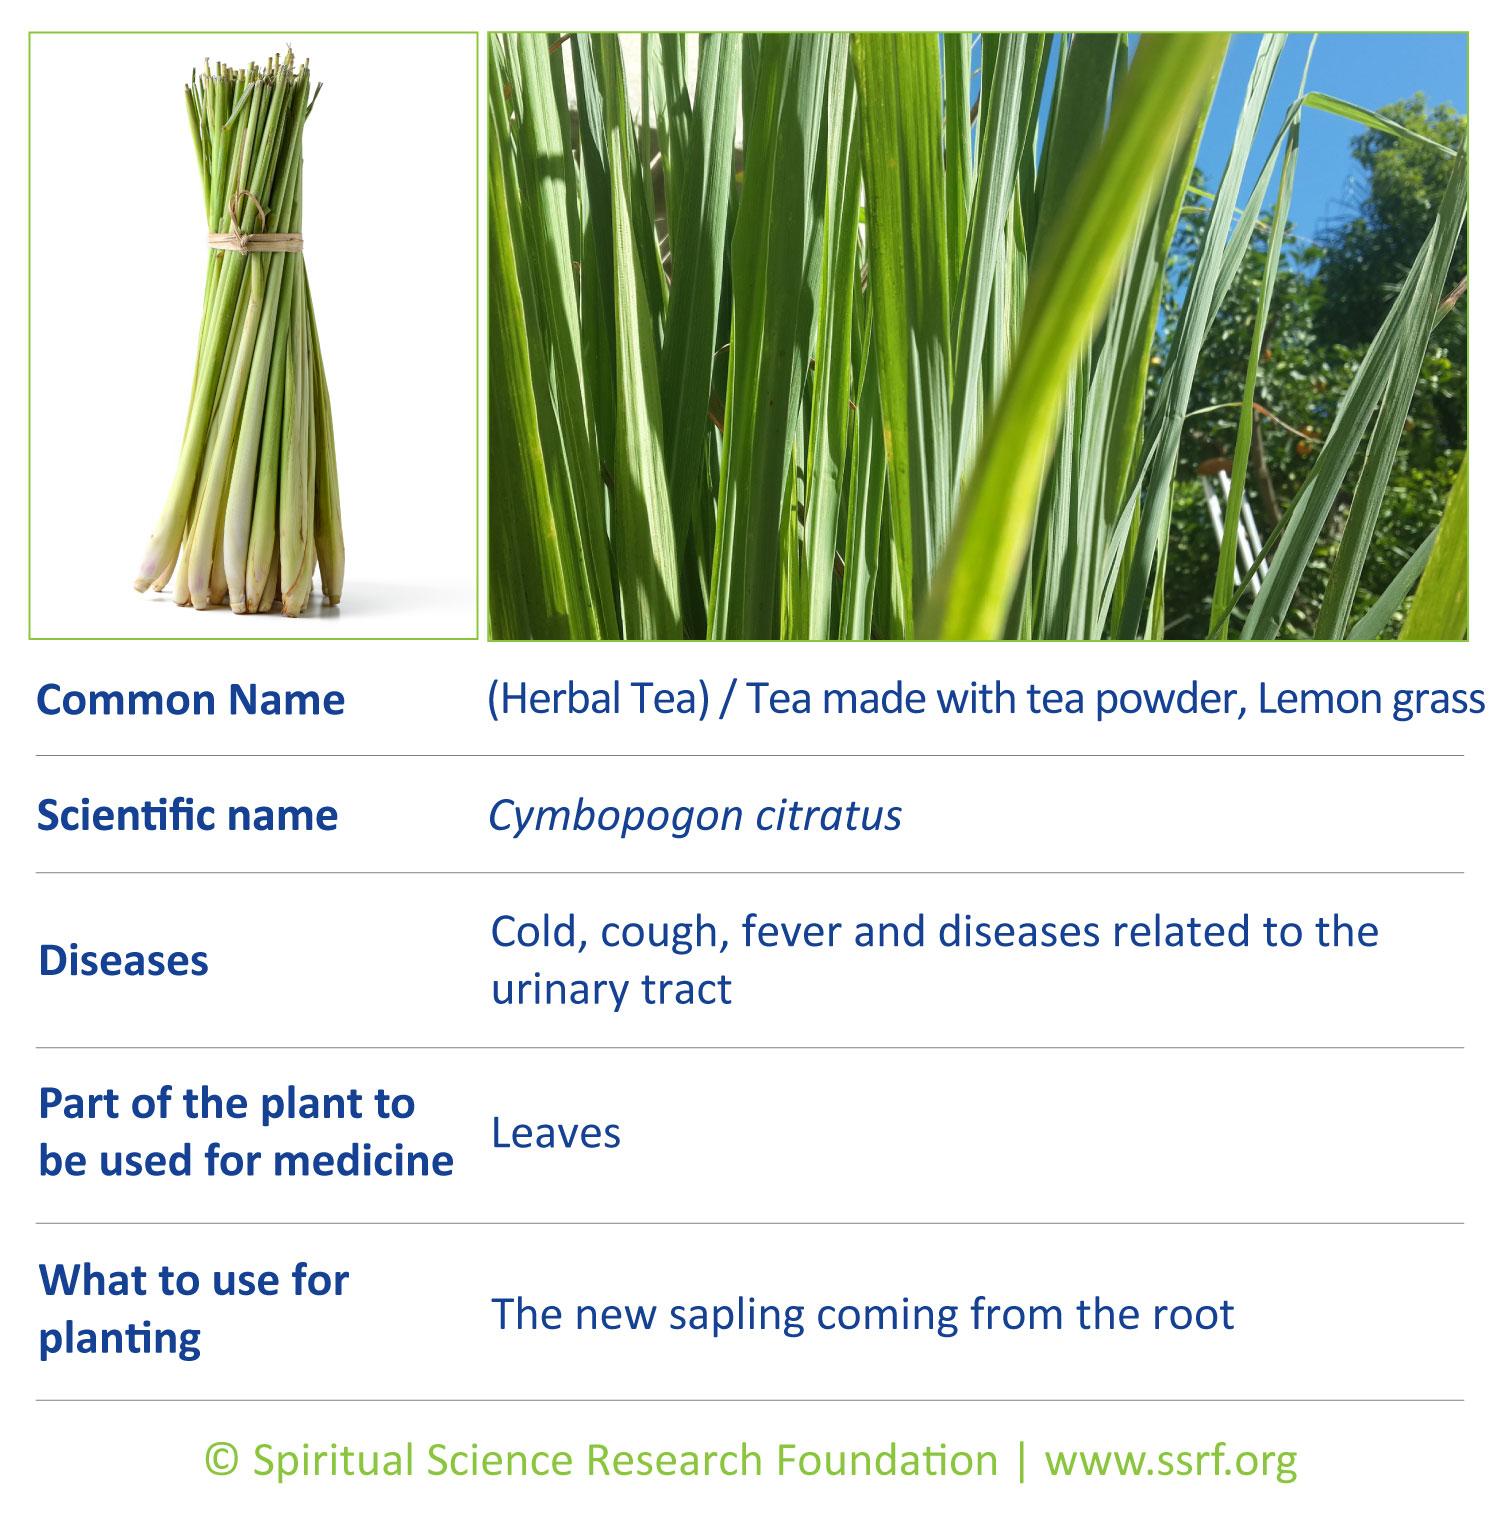 herbs-10-Lemon-grass